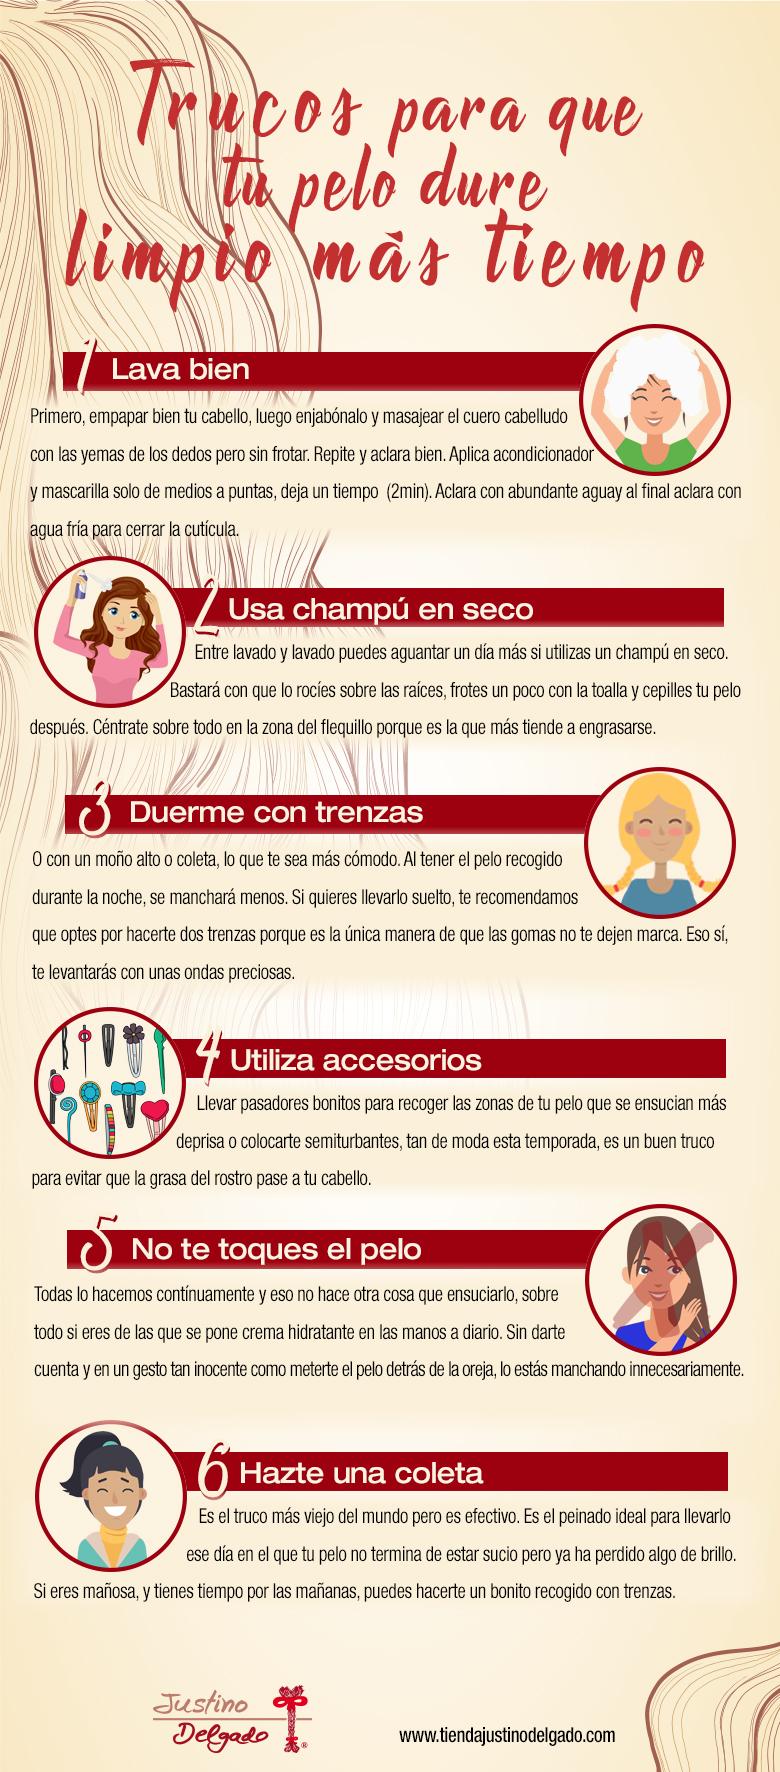 JD-infografia-pelo-limpio-mas-tiempo-v3